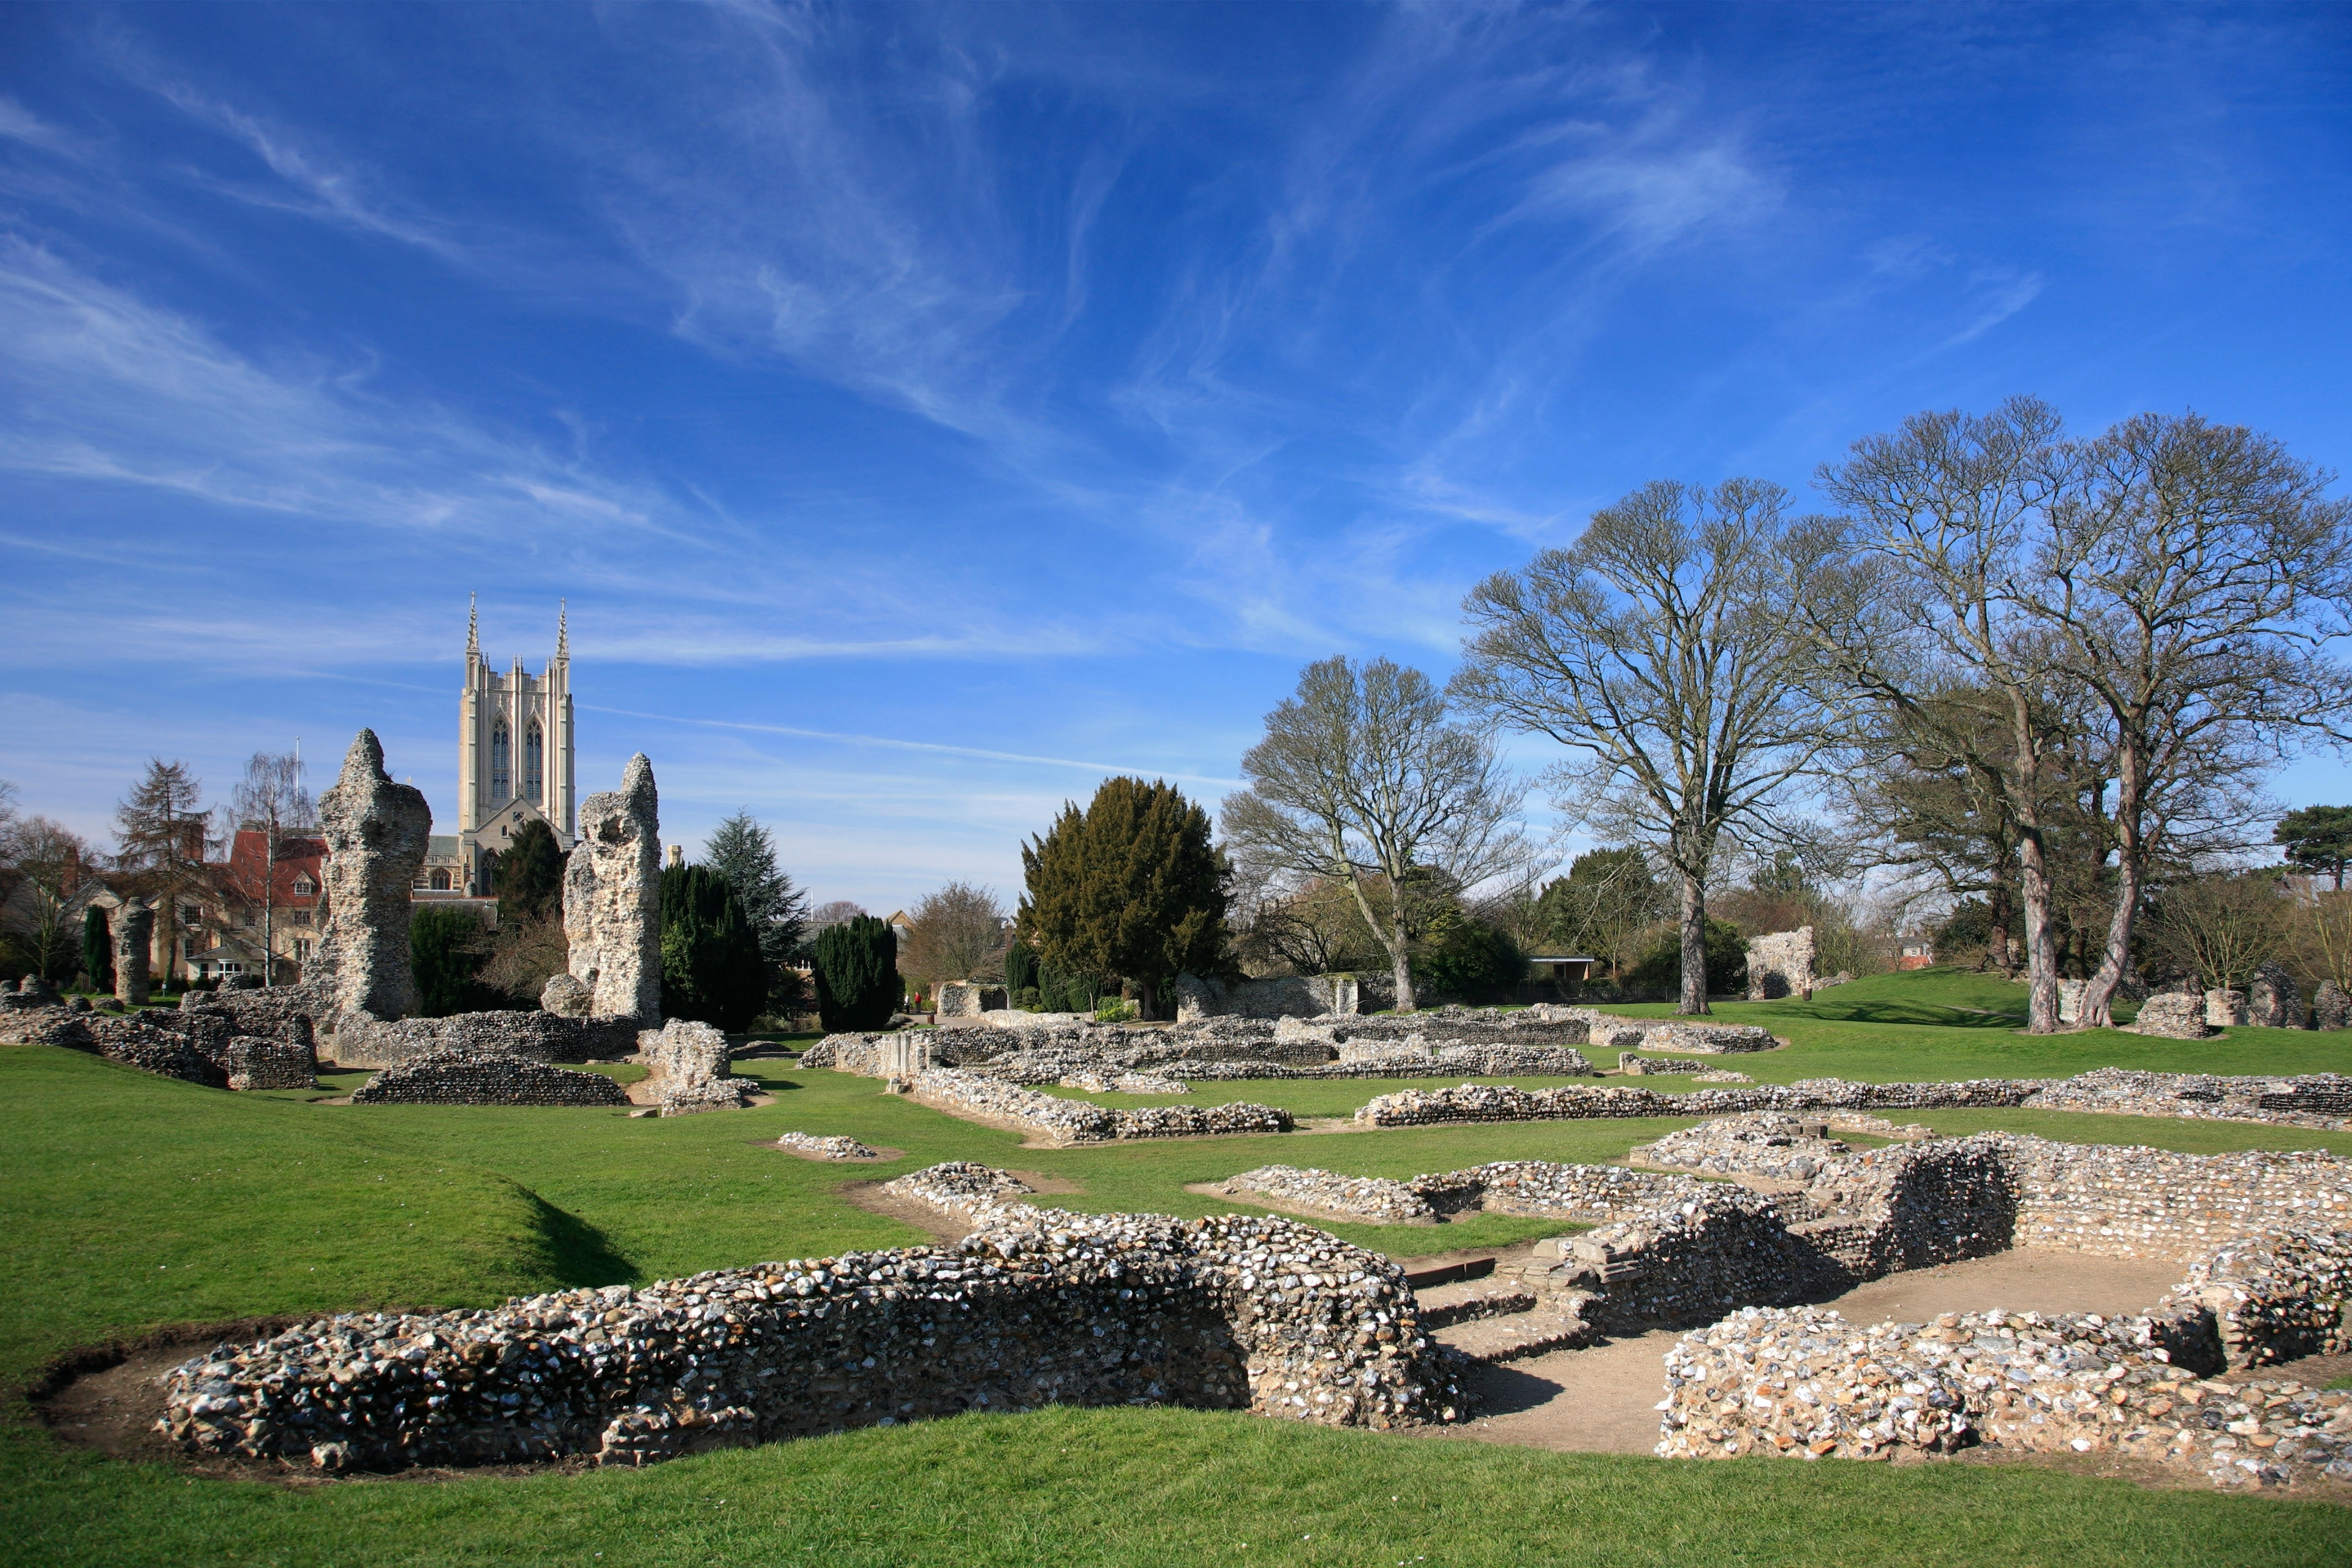 Bury St Edmunds Abbey, Bury St Edmunds, England, United Kingdom